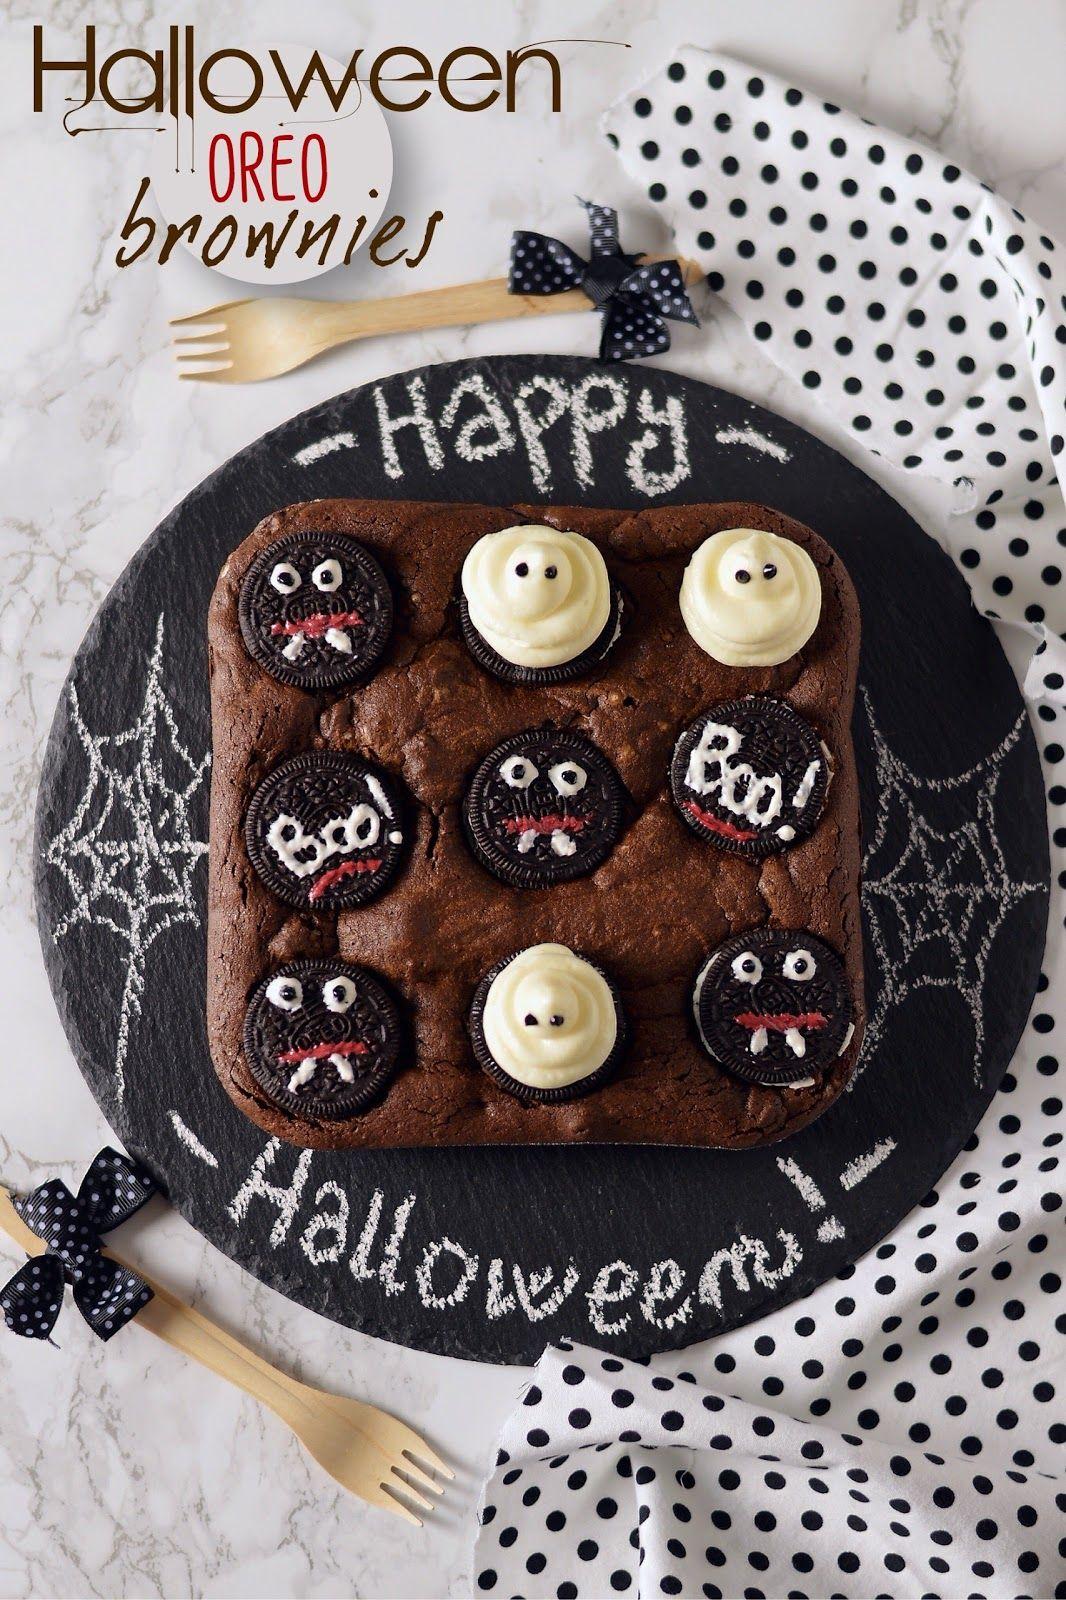 Su Sprinklesdress anche i brownies indossano costumi da Halloween!  Prendendo spunto da qualche foto trovata sul web 647e59dd36ad